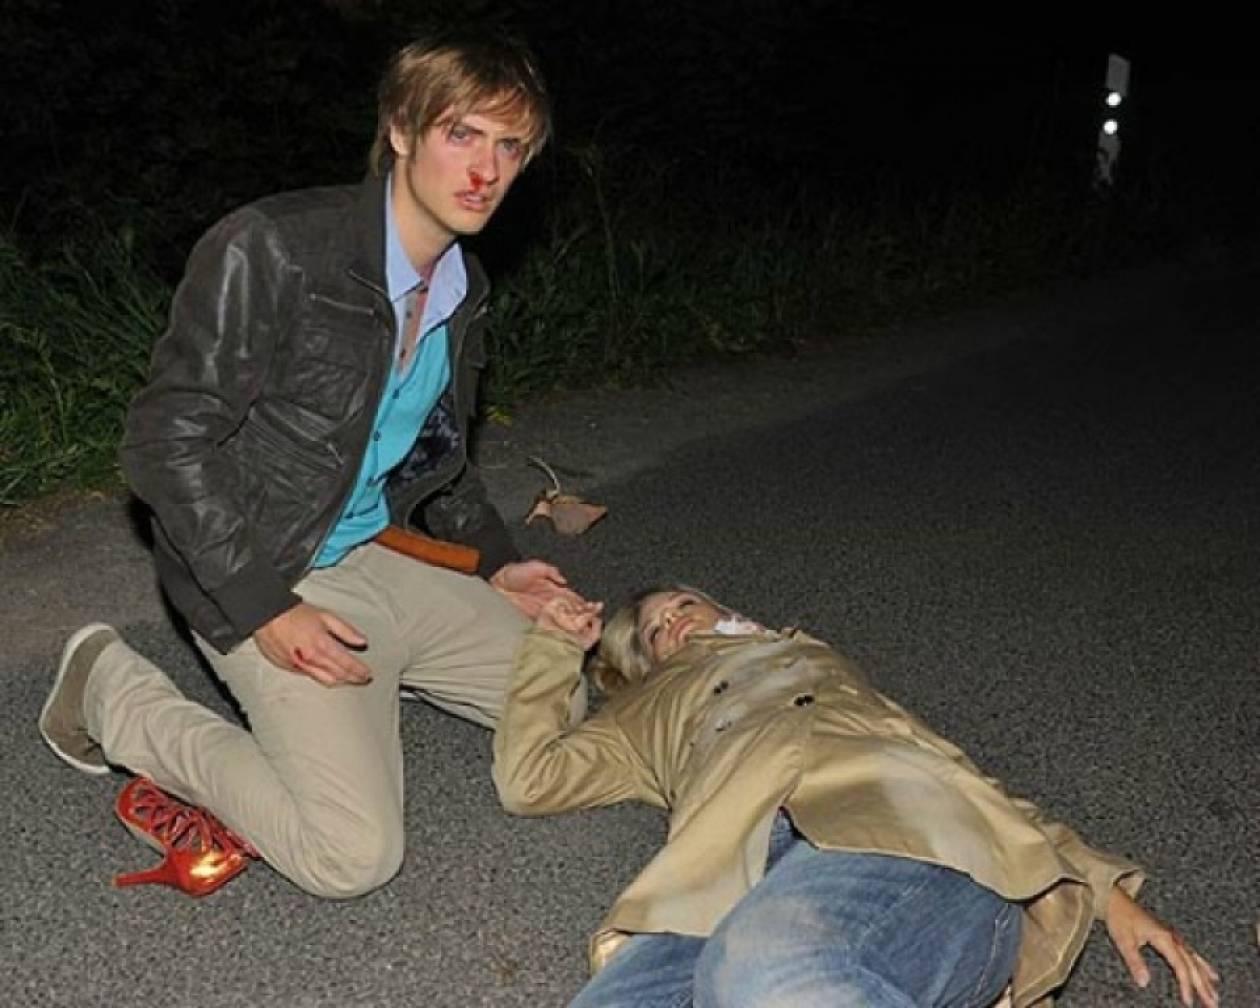 Ελληνίδα ηθοποιός πεθαίνει σε γερμανικό σίριαλ!